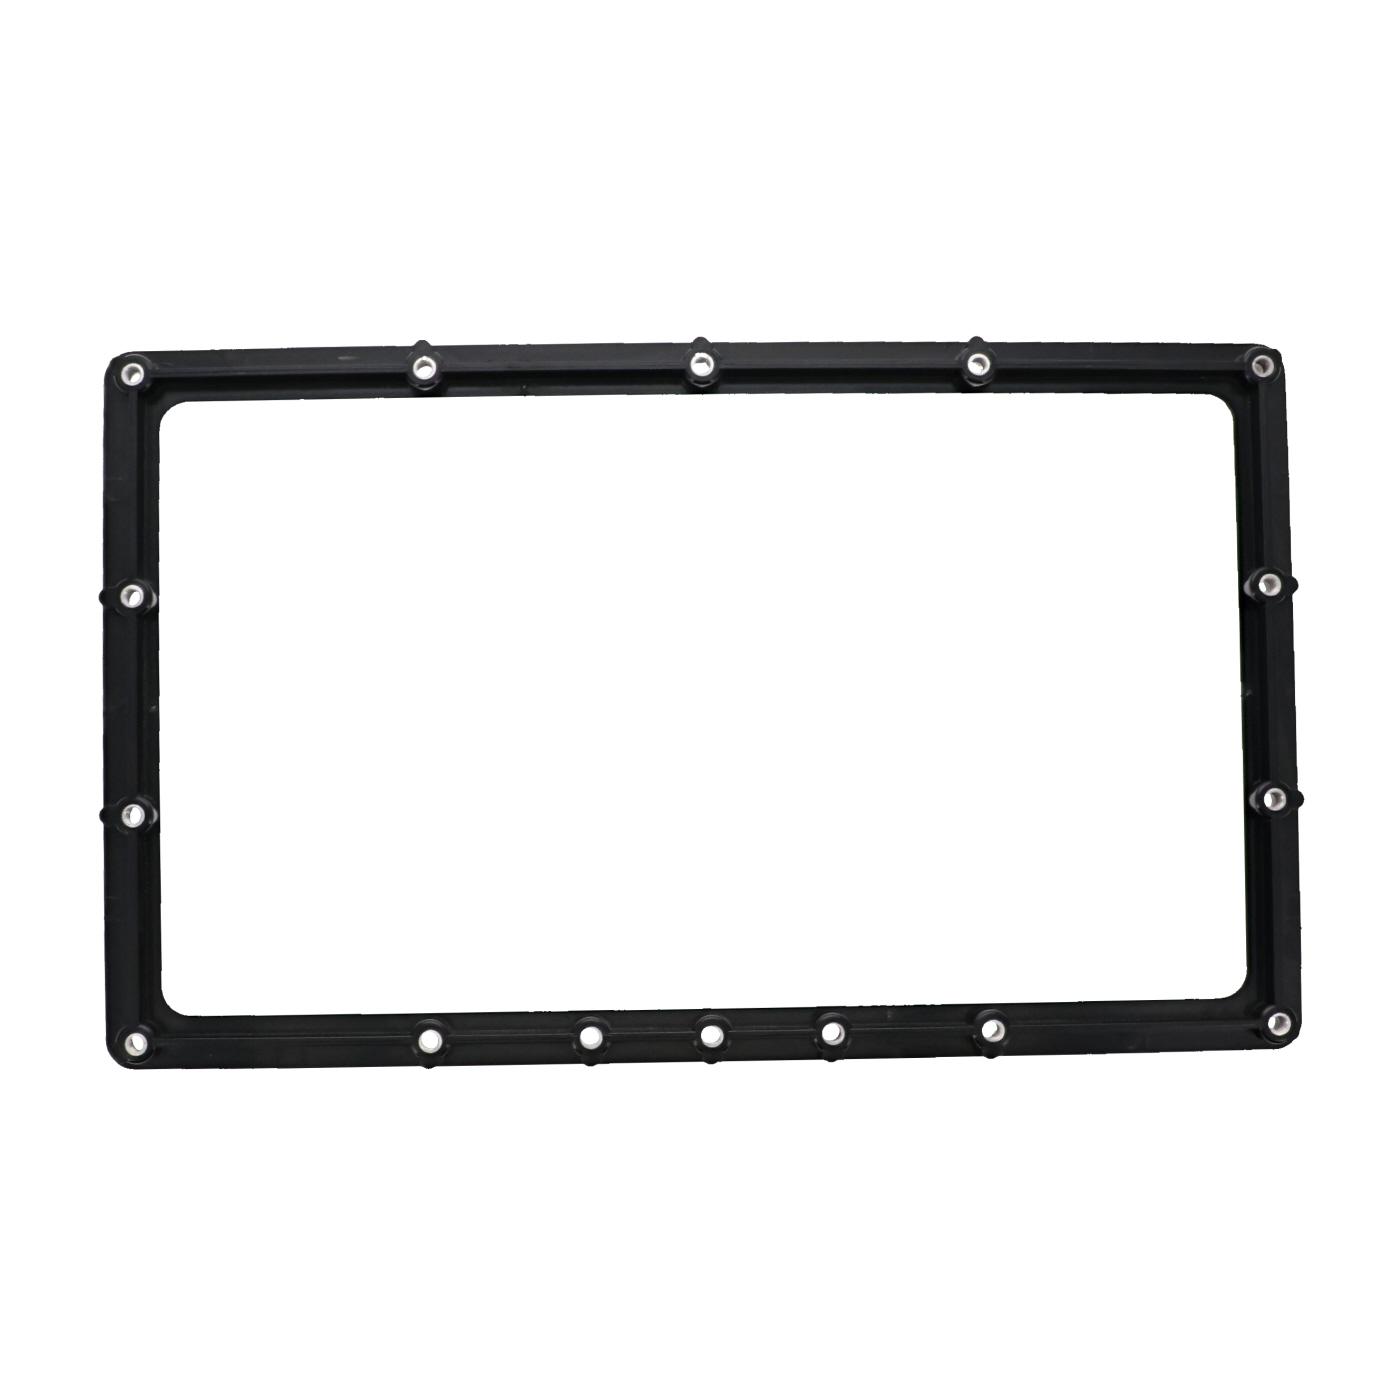 43.5cm rectangular fixing frame for skimmer